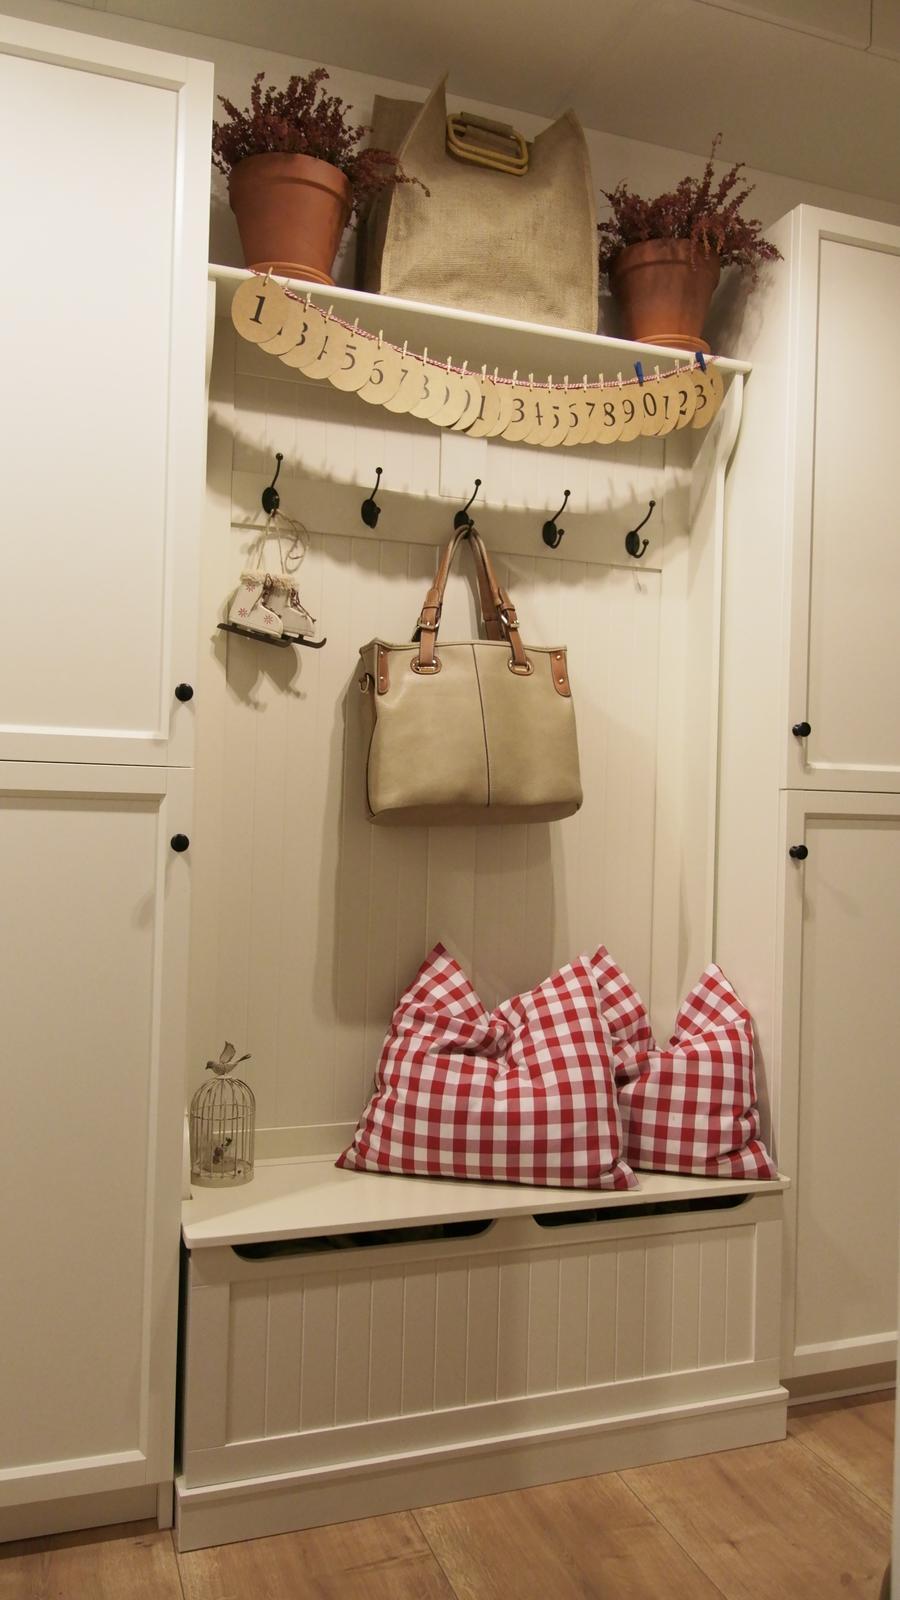 Náš domček ♡ Bramasole ♡ ... Stilo interiér aj exteriér 3. rok bývania - Obrázok č. 727